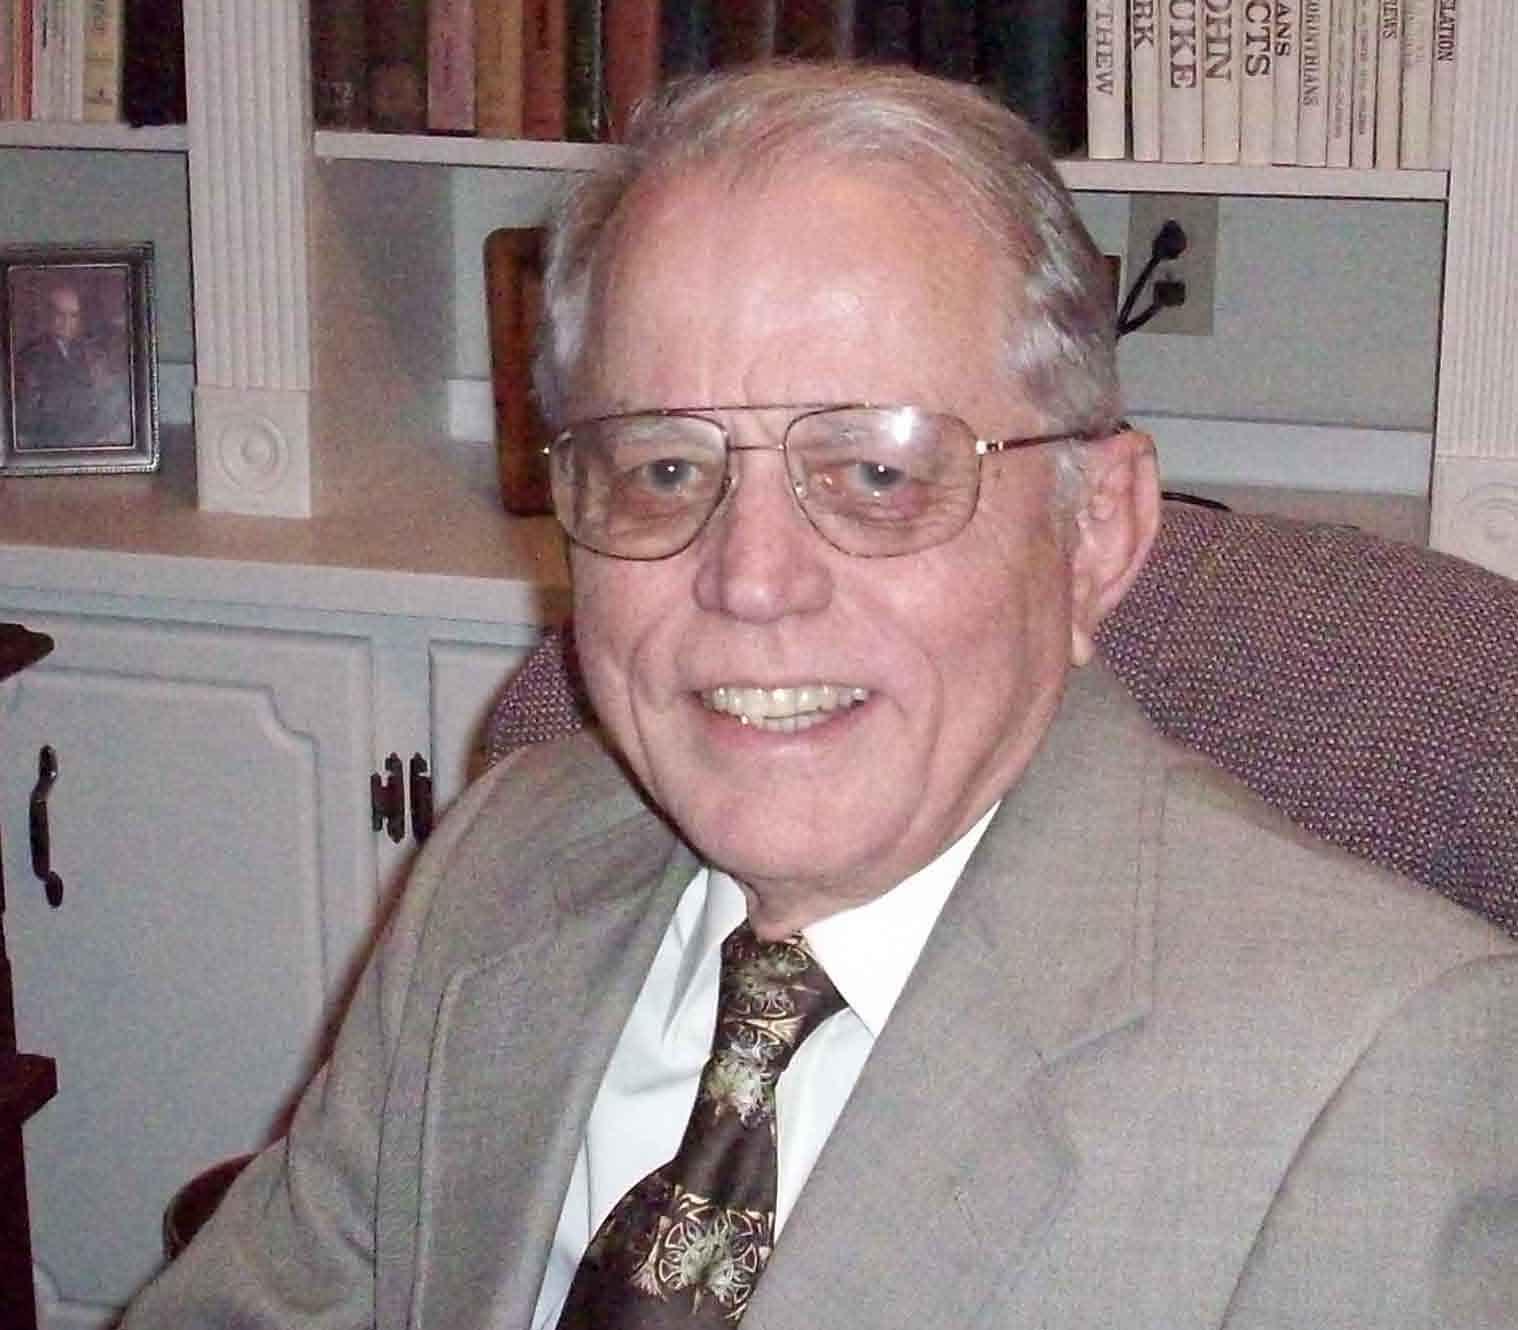 Wayne Leeper